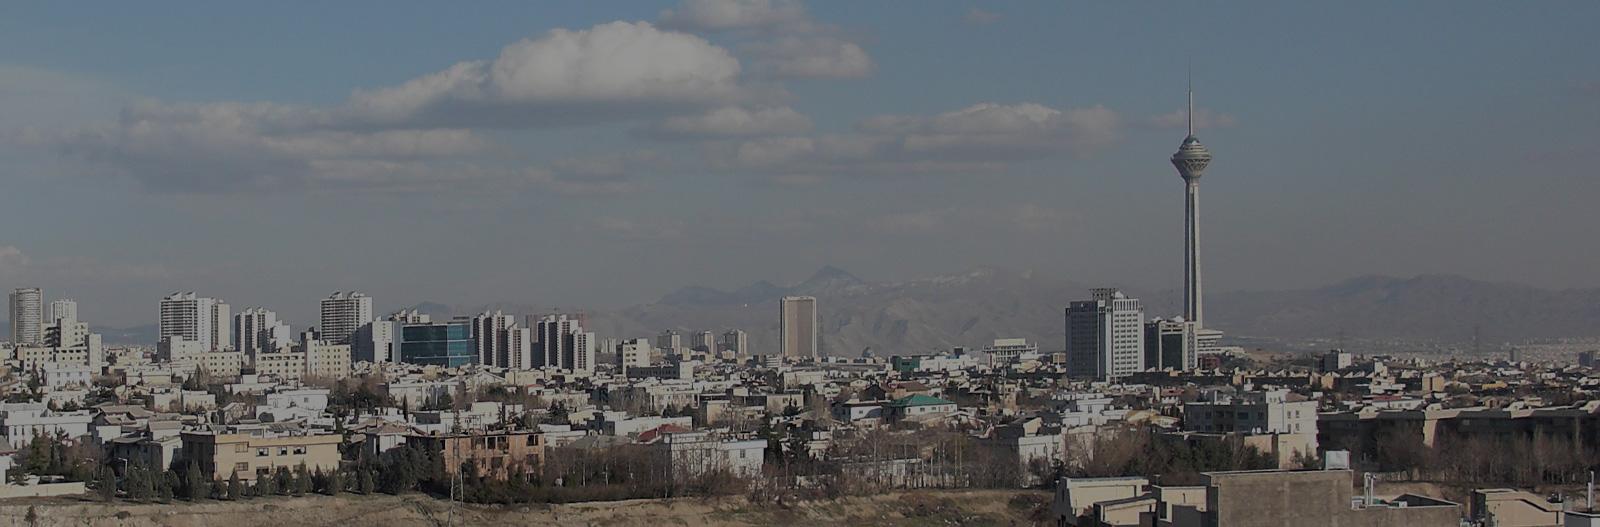 مقاله ISI در تهران - خدمات مقاله ISI در تهران